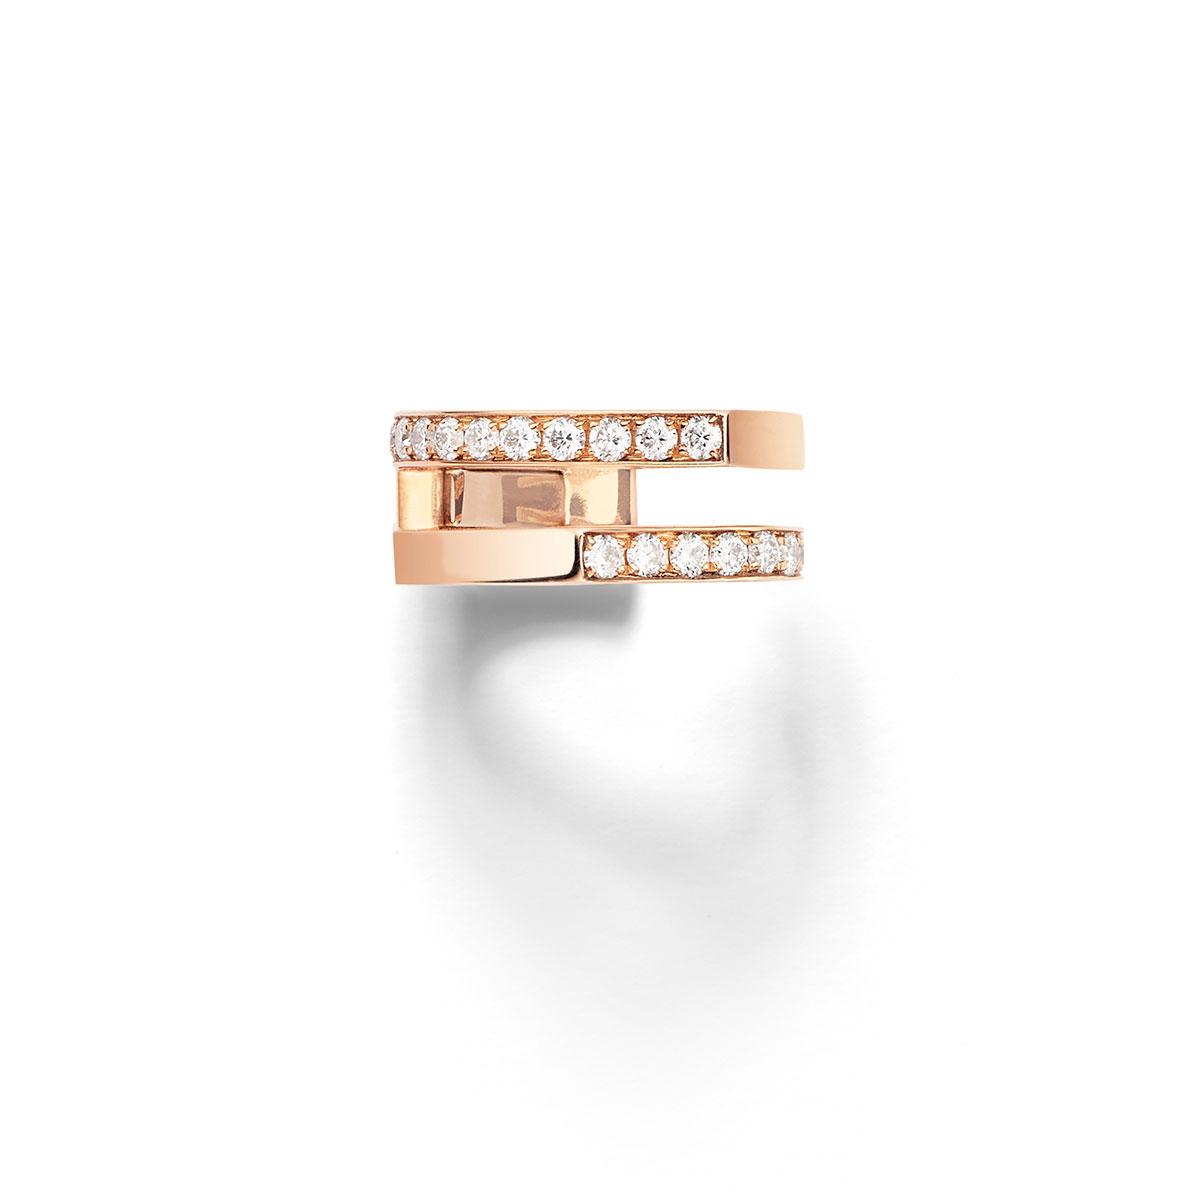 イヤカフ〈18KPG、ダイヤモンド〉¥291,600